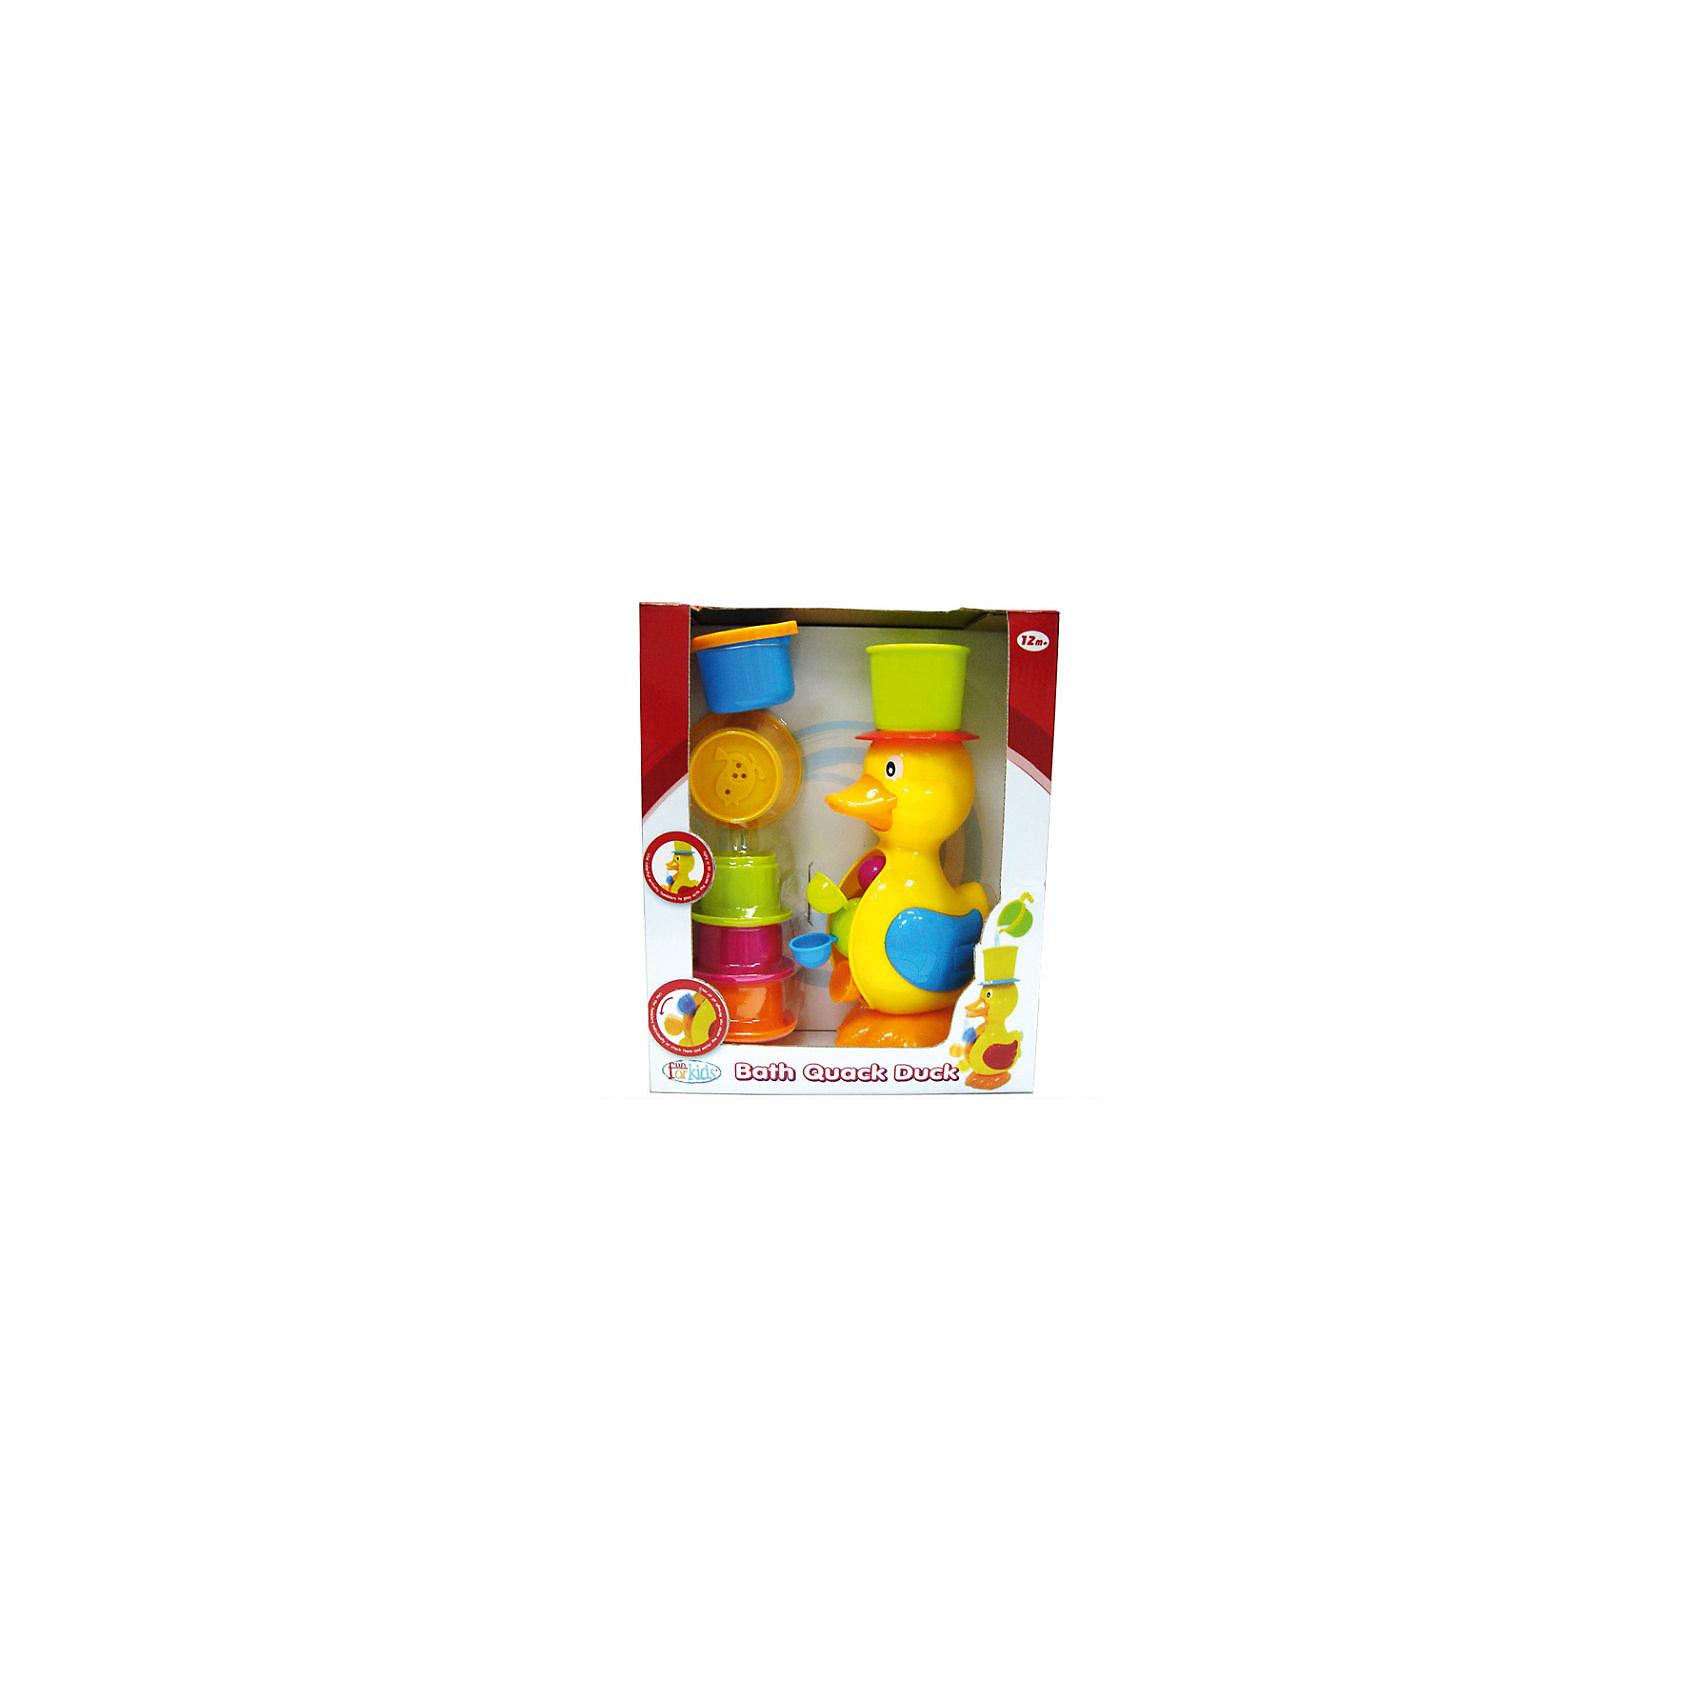 Игрушка для воды Веселая мельничка, Fun for kidsУточка для ванной – классическая игрушка, которая сделает купание приятным. Однако бренд Fun For Kids предлагает новый взгляд на традиционные развлечения. Теперь утенок – это не только забавный друг, но и настоящая водная мельница, которая делает игру еще более интересной! <br>Наливайте воду в шапочку утенка. Жидкость будет выливаться через клюв птицы, приводя в движение емкости, расположенные в животе-барабане утки. Так малыш на наглядном примере познакомится с принципом работы водной мельницы. <br>Игрушка изготовлена из прочной нетоксичной пластмассы, снабжена присосками для закрепления на стенах ванной. <br><br>Дополнительная информация:<br><br>Размеры коробки: 27х33х10,5 см.<br><br>Игрушку для воды Веселая мельничка, Fun for kids можно купить в нашем магазине.<br><br>Ширина мм: 270<br>Глубина мм: 330<br>Высота мм: 105<br>Вес г: 700<br>Возраст от месяцев: 12<br>Возраст до месяцев: 48<br>Пол: Унисекс<br>Возраст: Детский<br>SKU: 4133144